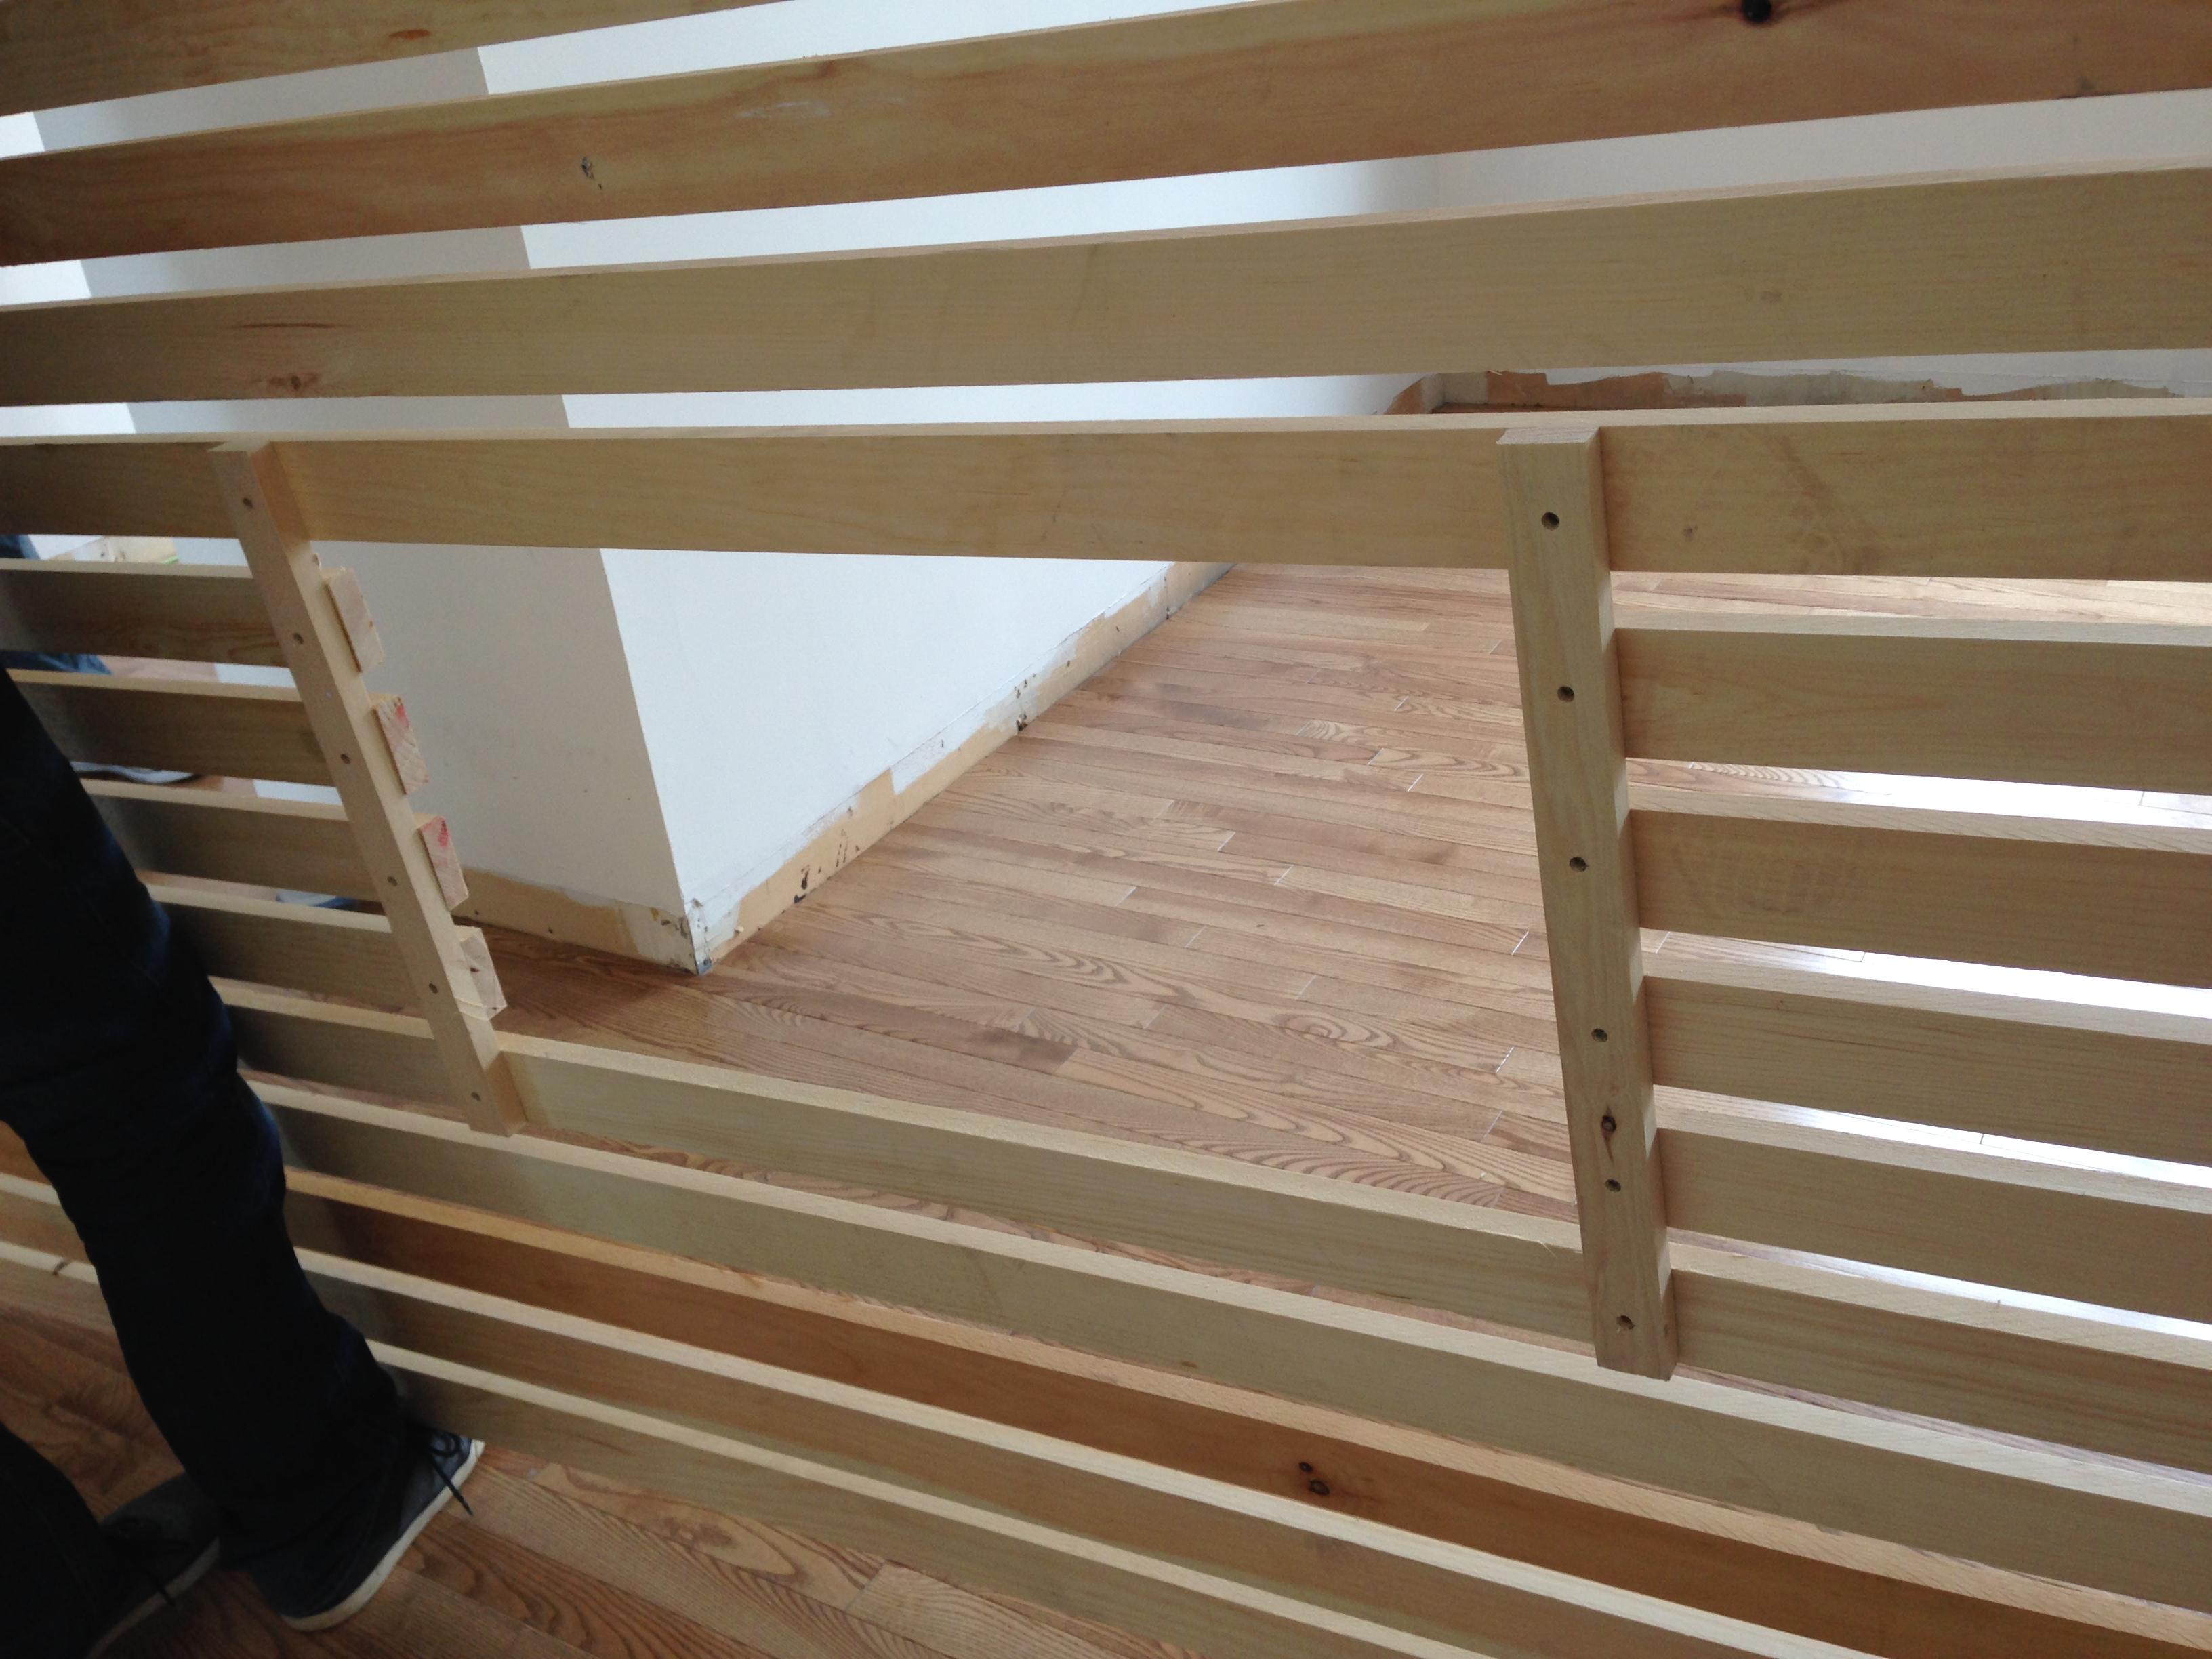 Wood Slat Wall ReImagine